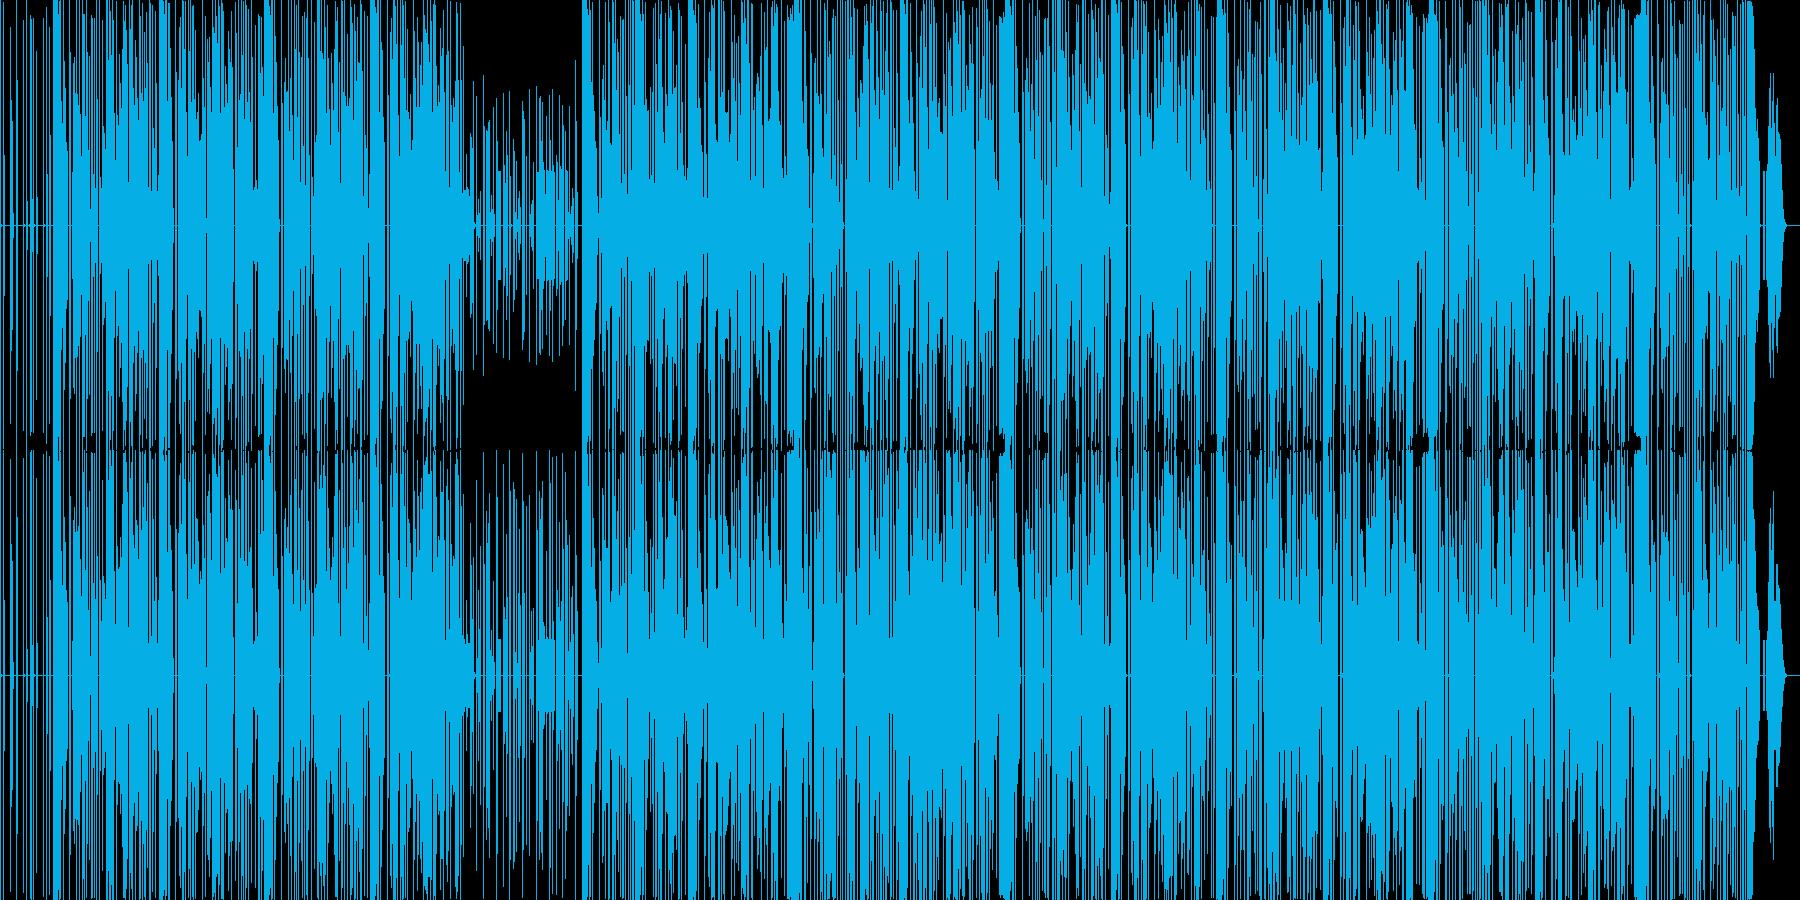 懐かしいパズル系ゲームサウンド風BGMの再生済みの波形